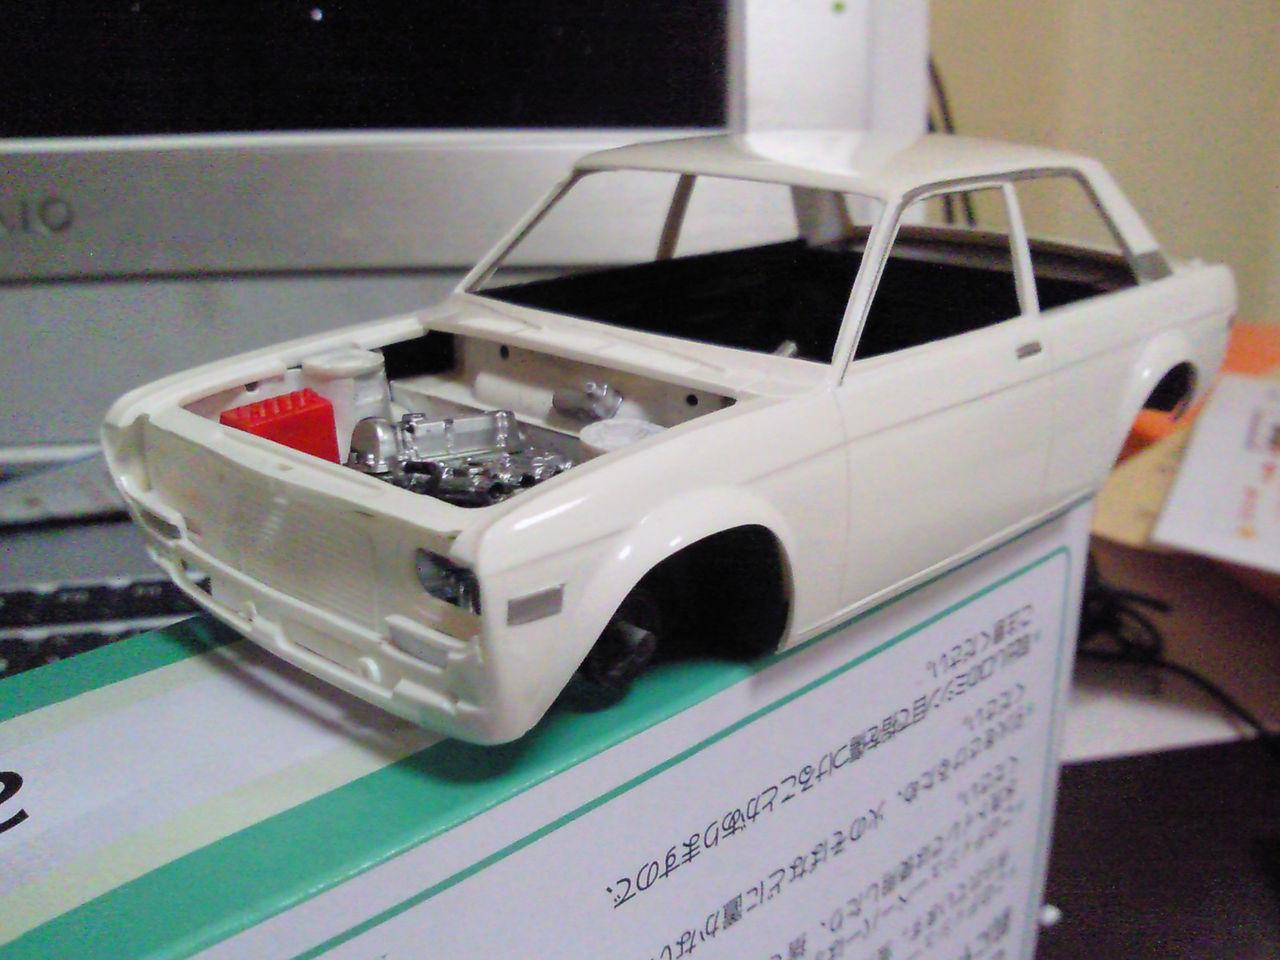 SBCA0509